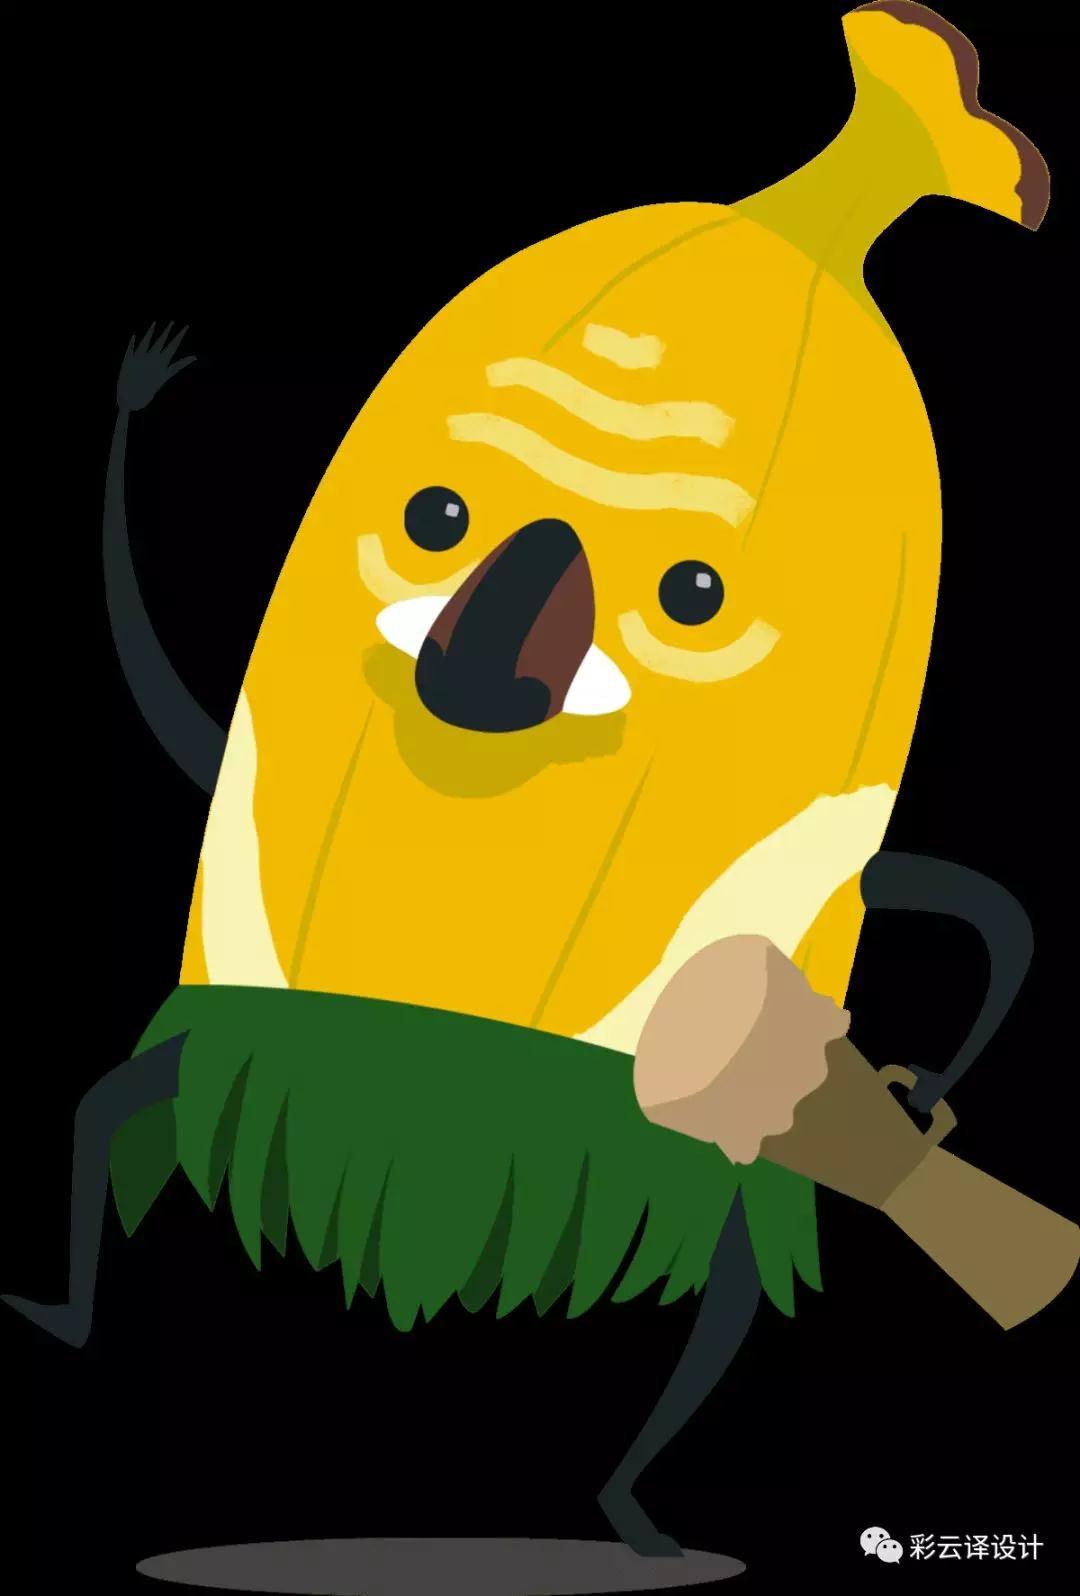 几张草图之后,我们终于见到了主角。Makey诞生了,他是来自巴布亚部落的一个被选中的儿子,他继承了村里最后的香蕉种子。他被长老选中,开始长途跋涉,以恢复他们神圣的香蕉树。经过长时间的冥想,Makey遇见了他们祖先的灵魂,并指导他必须找到新的土壤来培育最后的种子。然后,Makey开始了一个漫长的旅程。 之后他会在三个不同的领域遇到三个不同的角色(banaknight、nana和Uttuqhak)。在每一个领域里,他都必须帮助这个角色,解决他们特有的问题,同时寻找可以种植神圣香蕉种子的土壤。最后,Makey